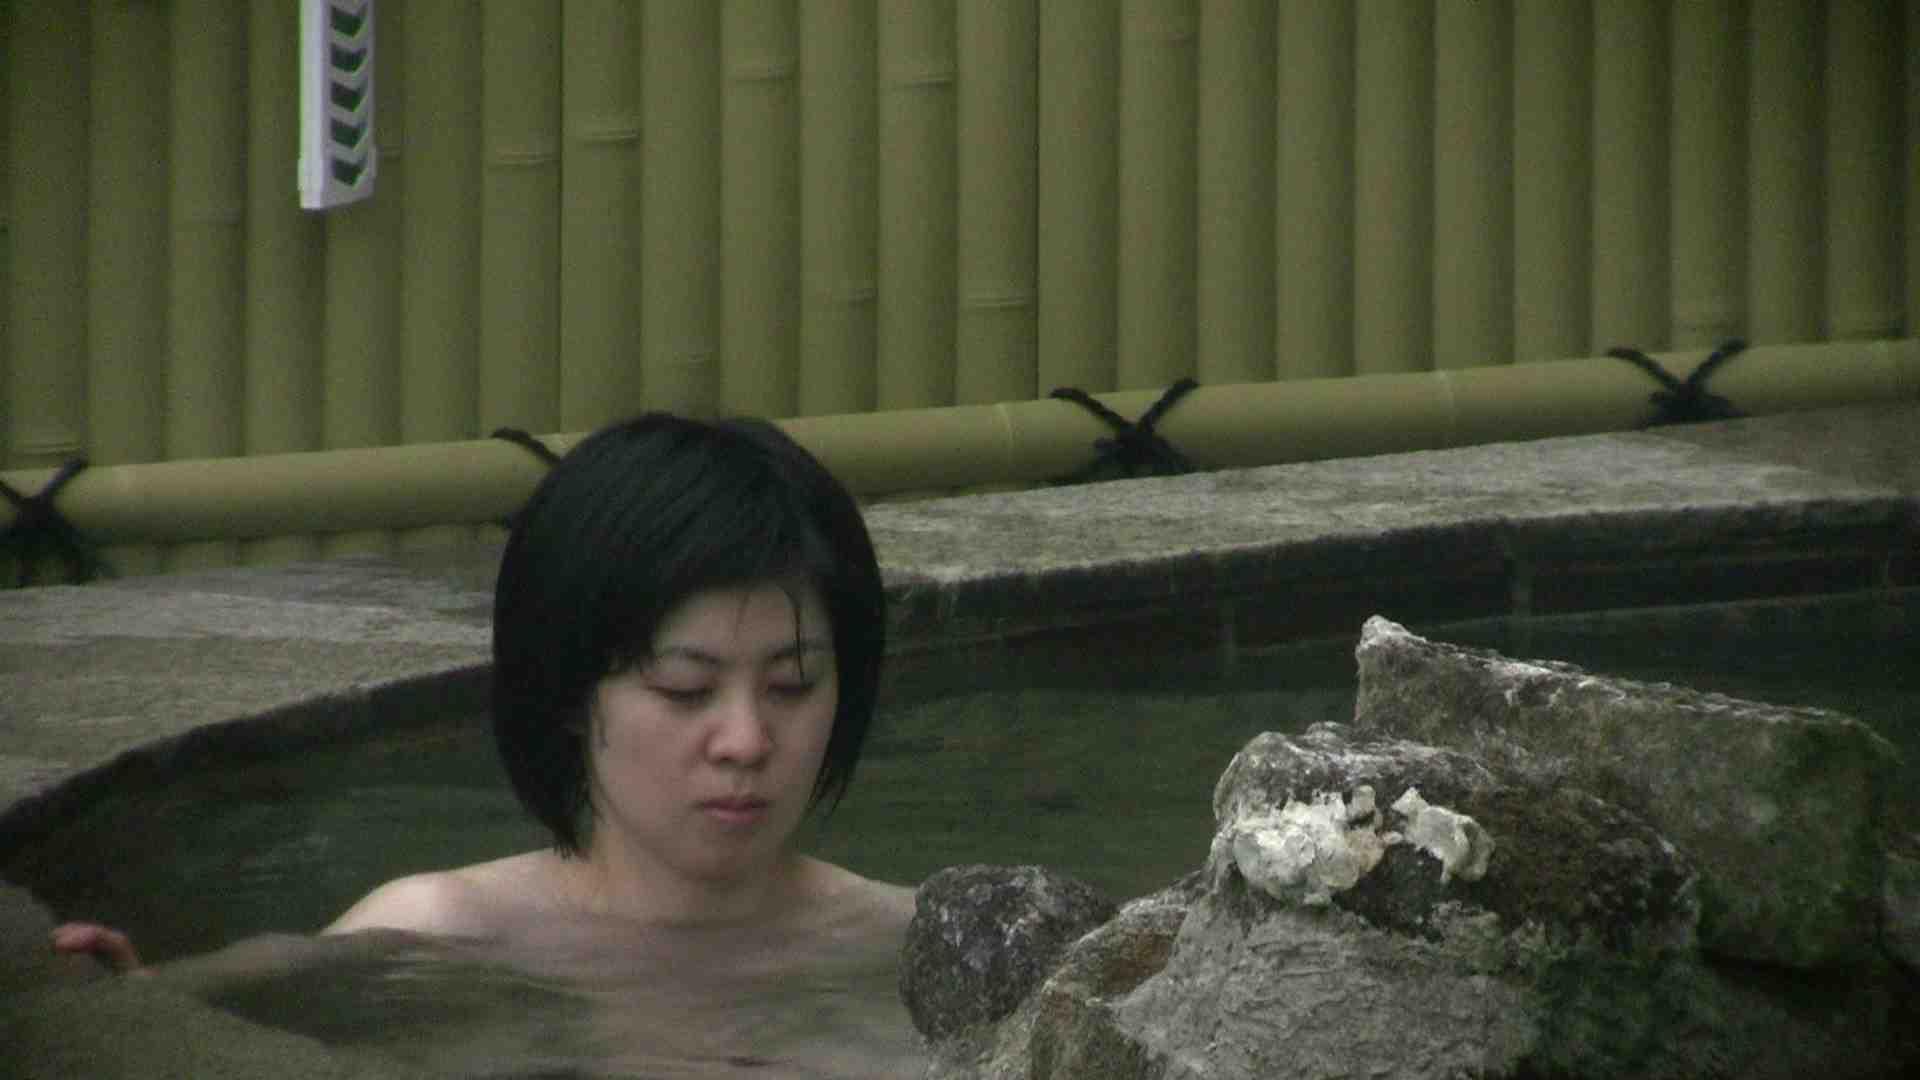 Aquaな露天風呂Vol.685 0  60pic 24